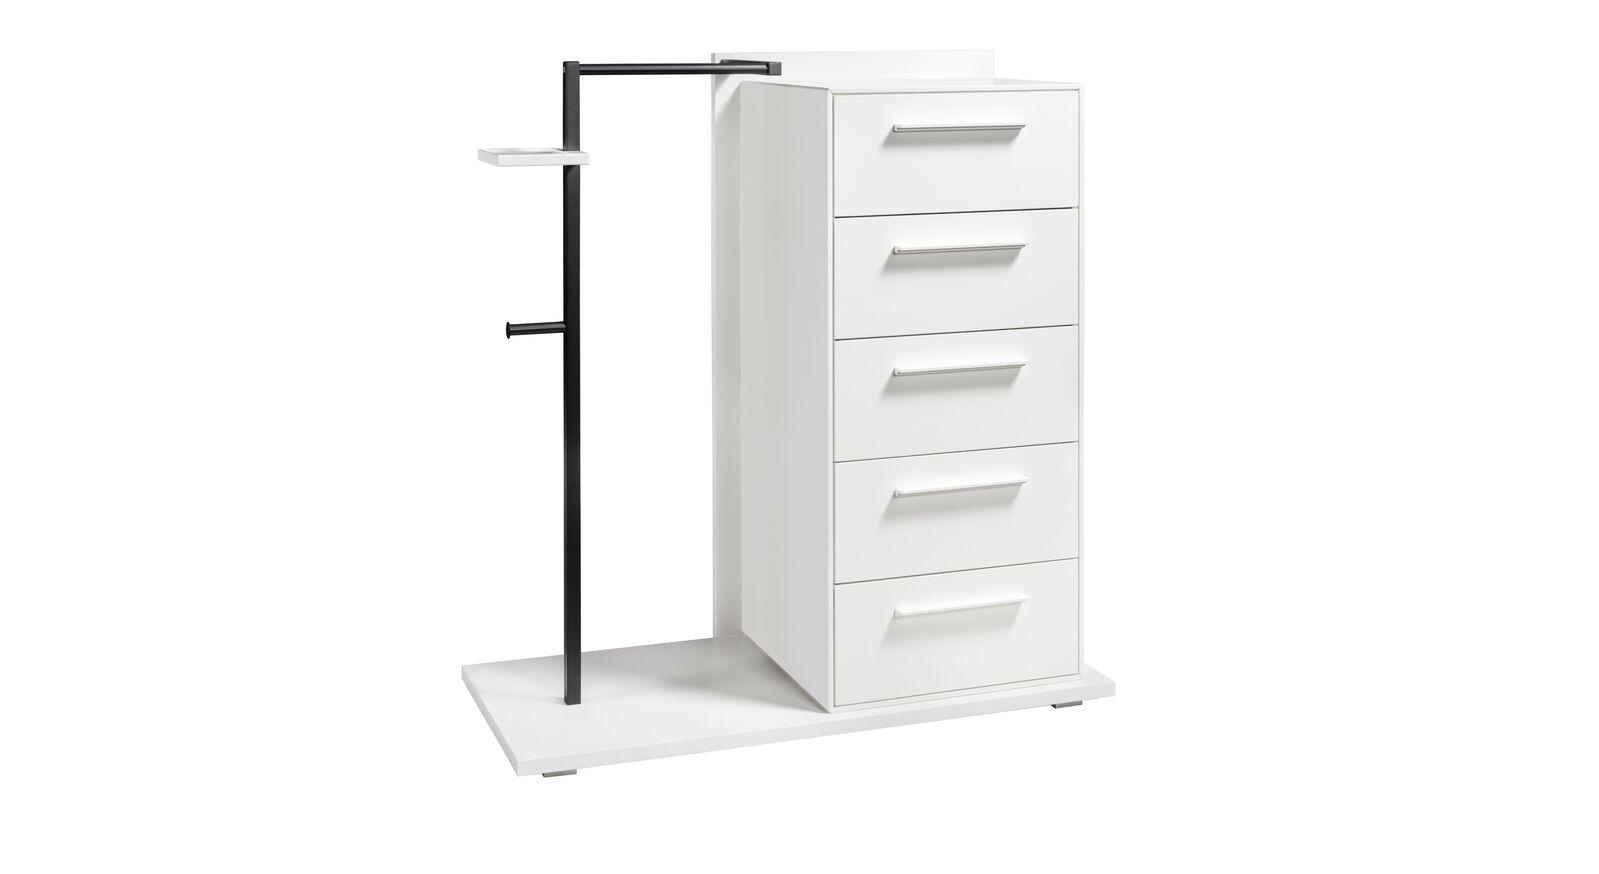 Garderoben-Kommode Cilona mit anthrazitfarbener Metallstange und weißen Platten